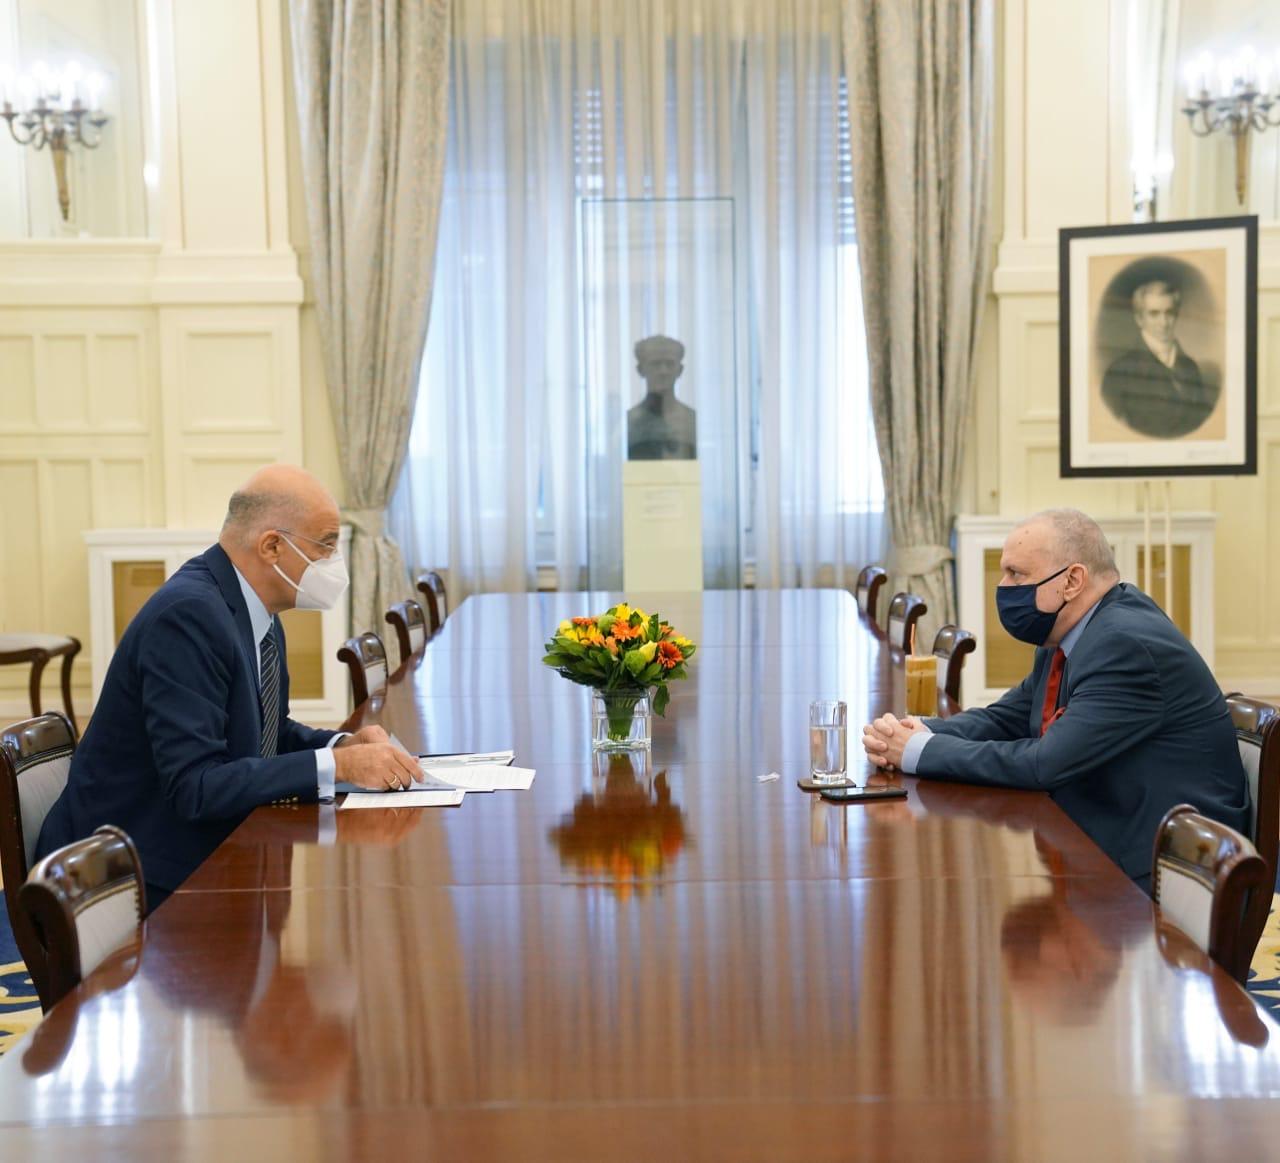 Ο ΣΥΡΙΖΑ θέλει πιο σκληρή εθνική γραμμή προς την Τουρκία